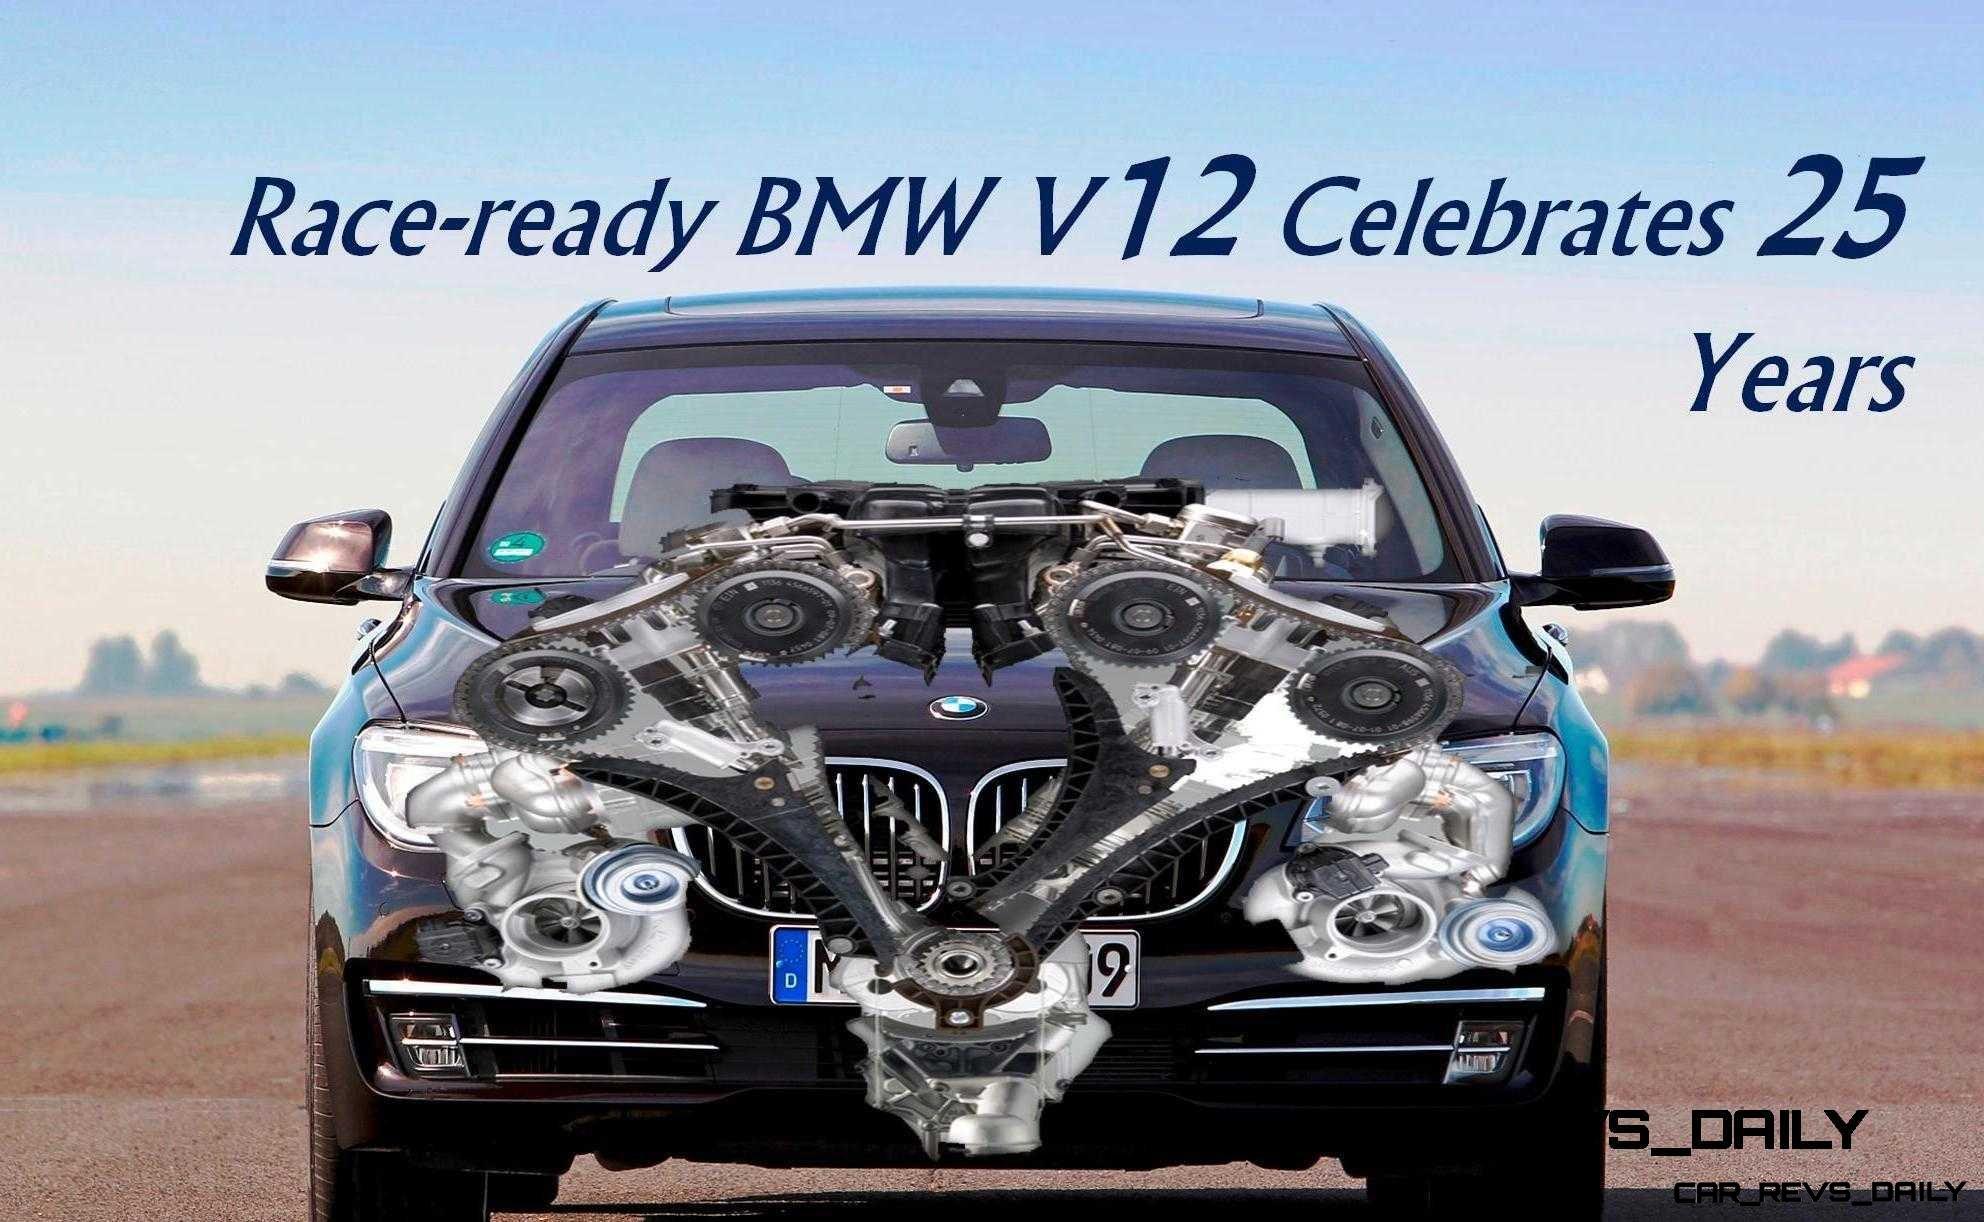 BMW V12 Celebrates 25 Years Engine Outside Image Header9